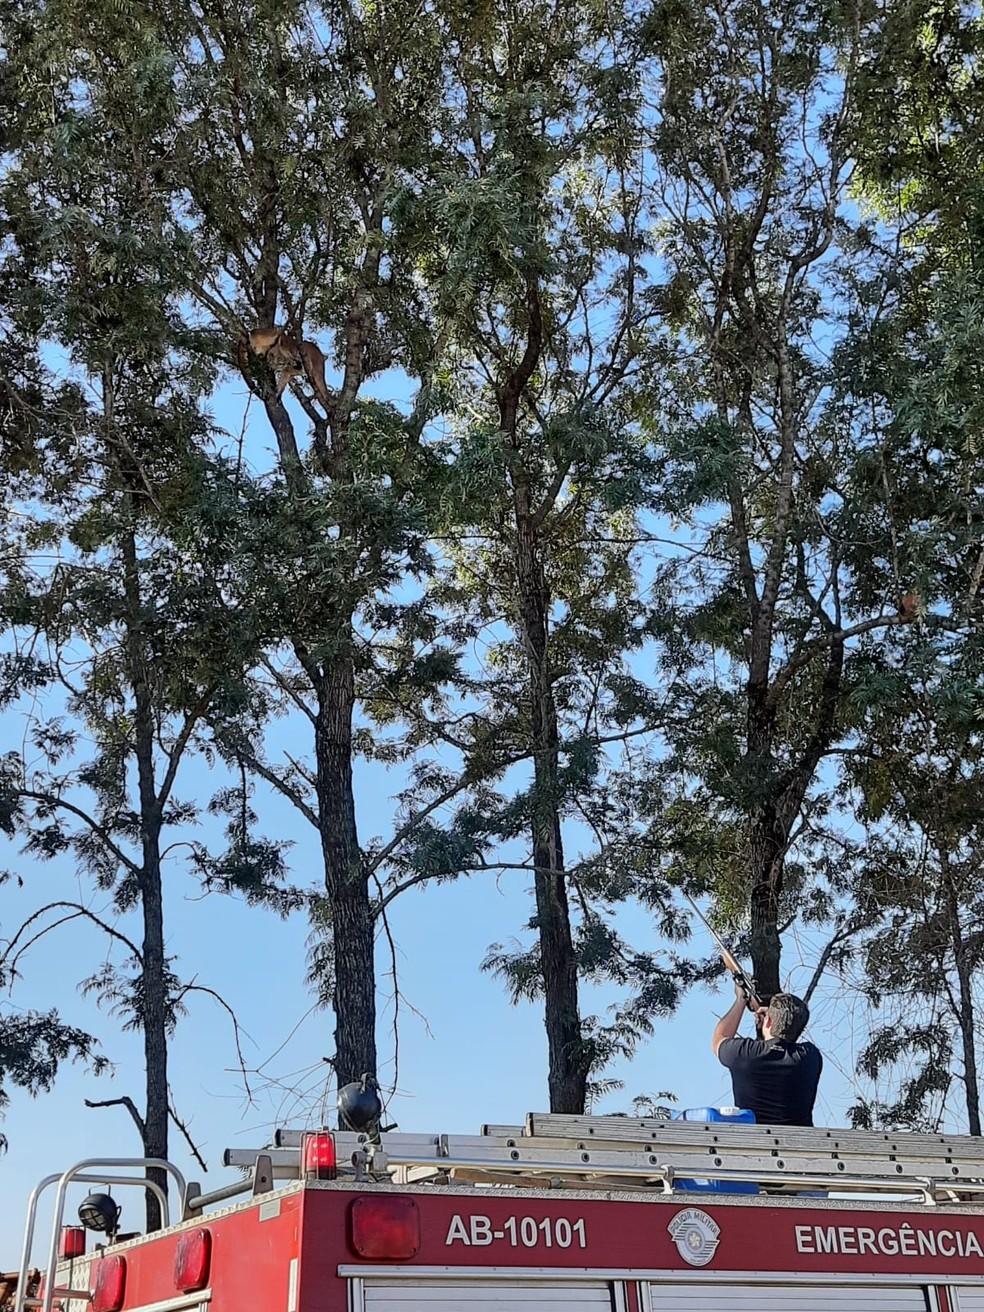 Dardos de tranquilizantes precisaram ser usado no resgate de onça parda que estava em cima de uma árvore em hípica na zona rural de Marília (SP) — Foto: Anderson Camargo/ TV TEM